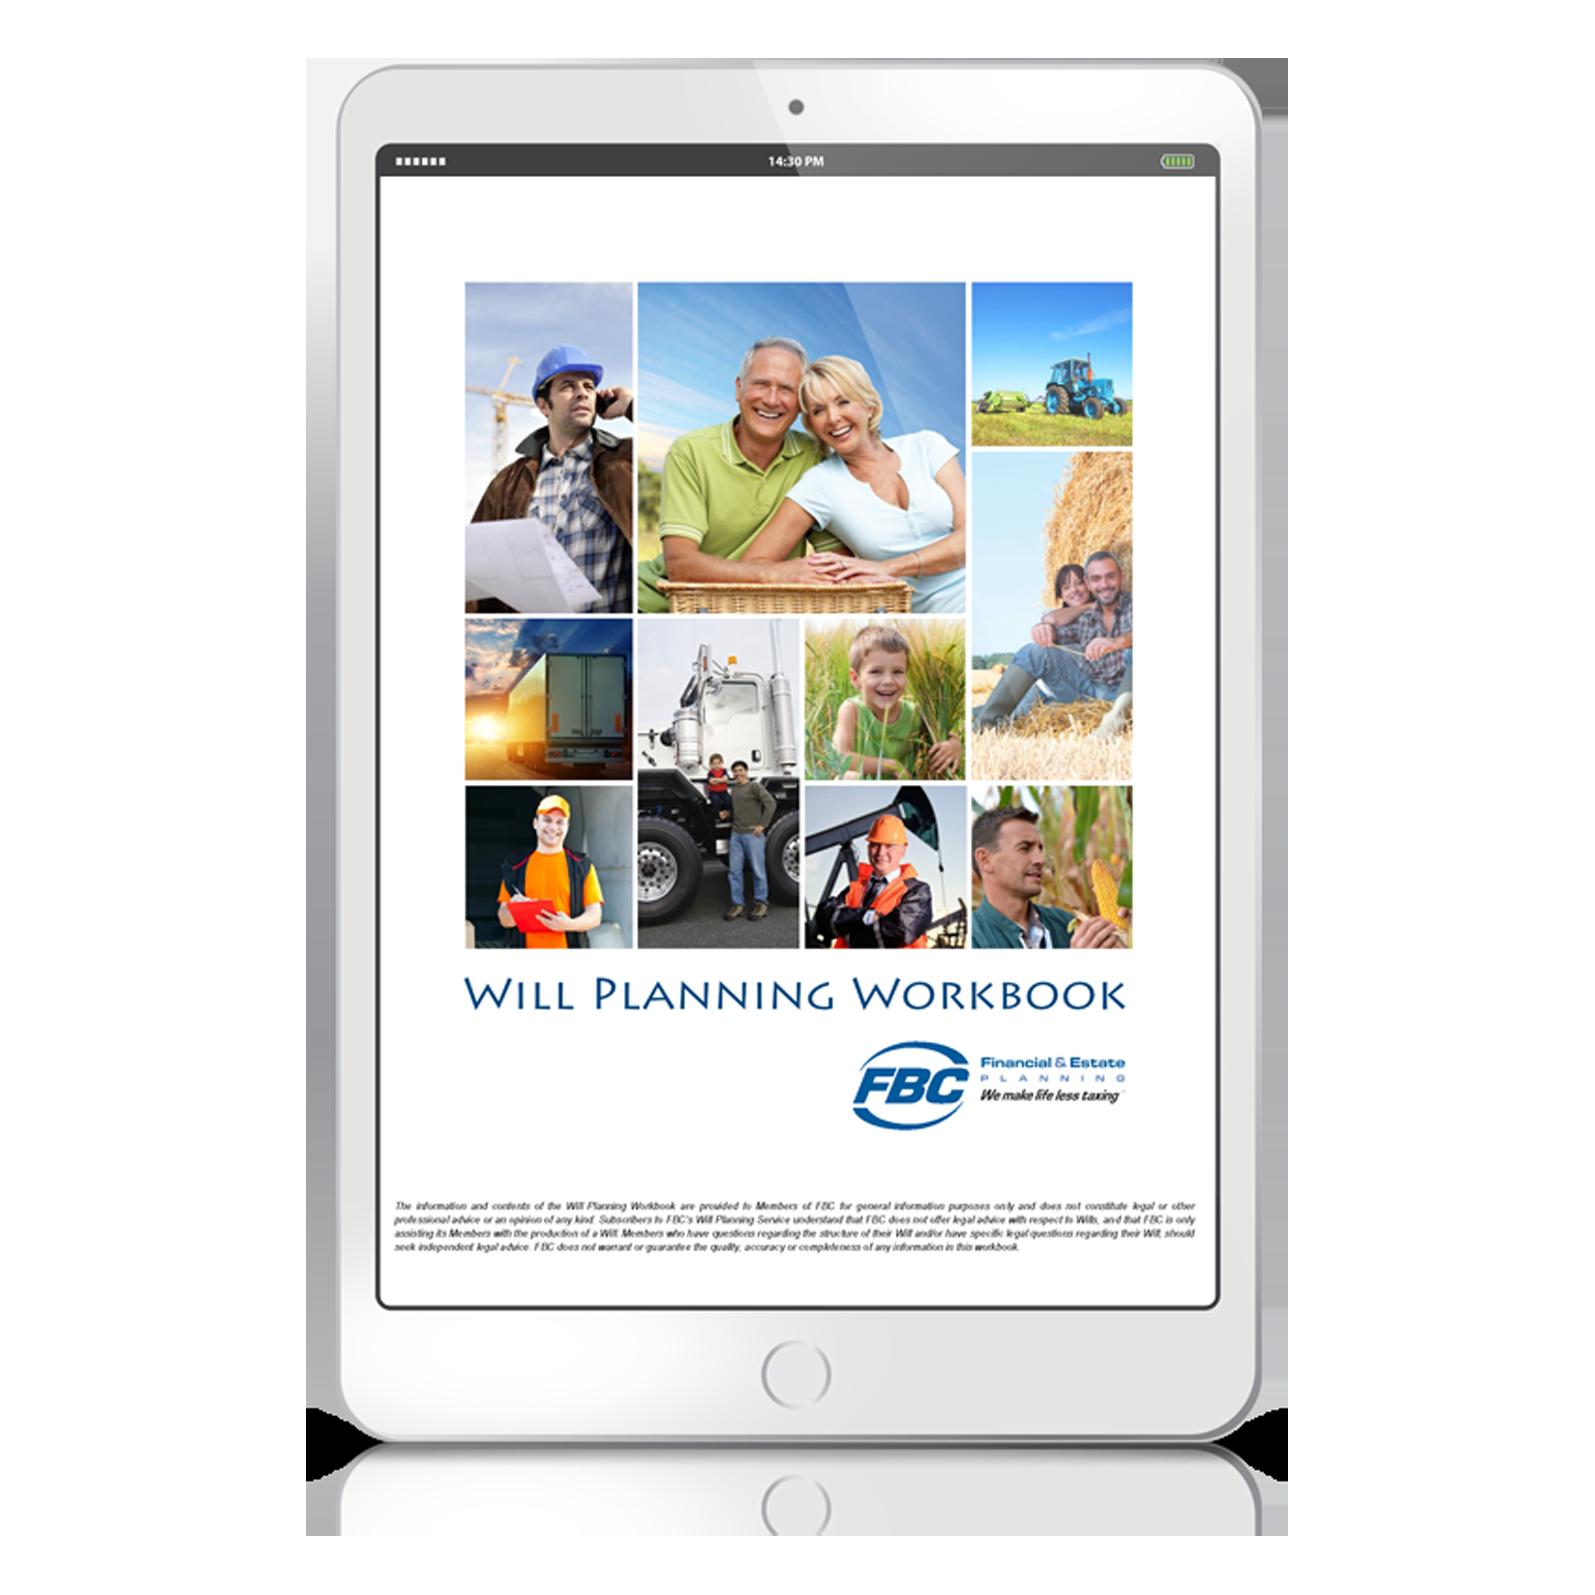 Free Will Planning Workbook